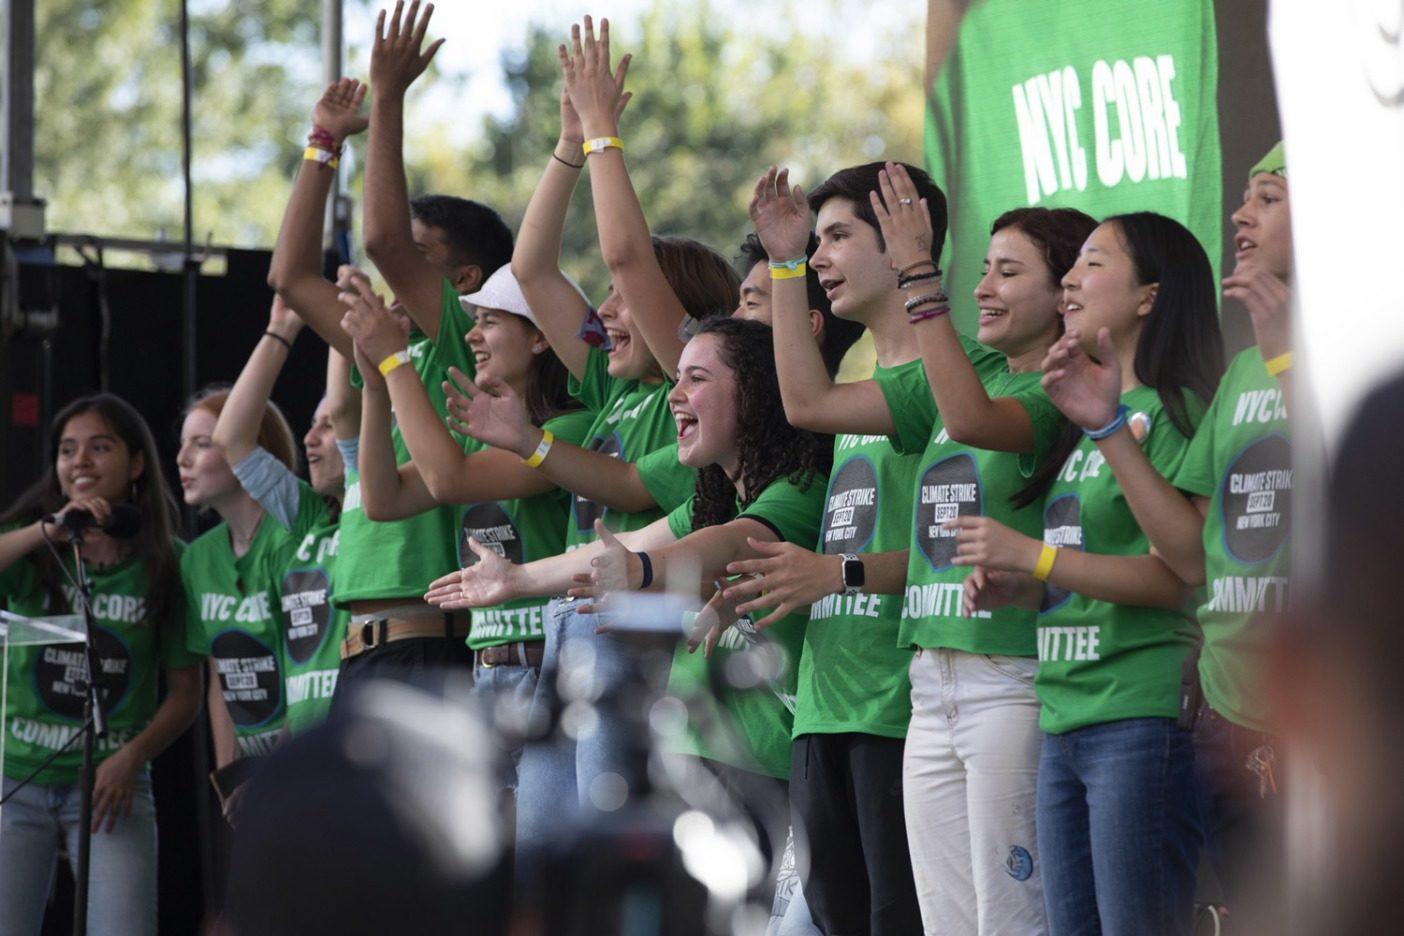 9月20日のストライキ終了後、コアチームの主催者15人全員がステージ上で完了を祝う。ストライキでは推定25万人が市街を行進した。Photo: Keri Oberly